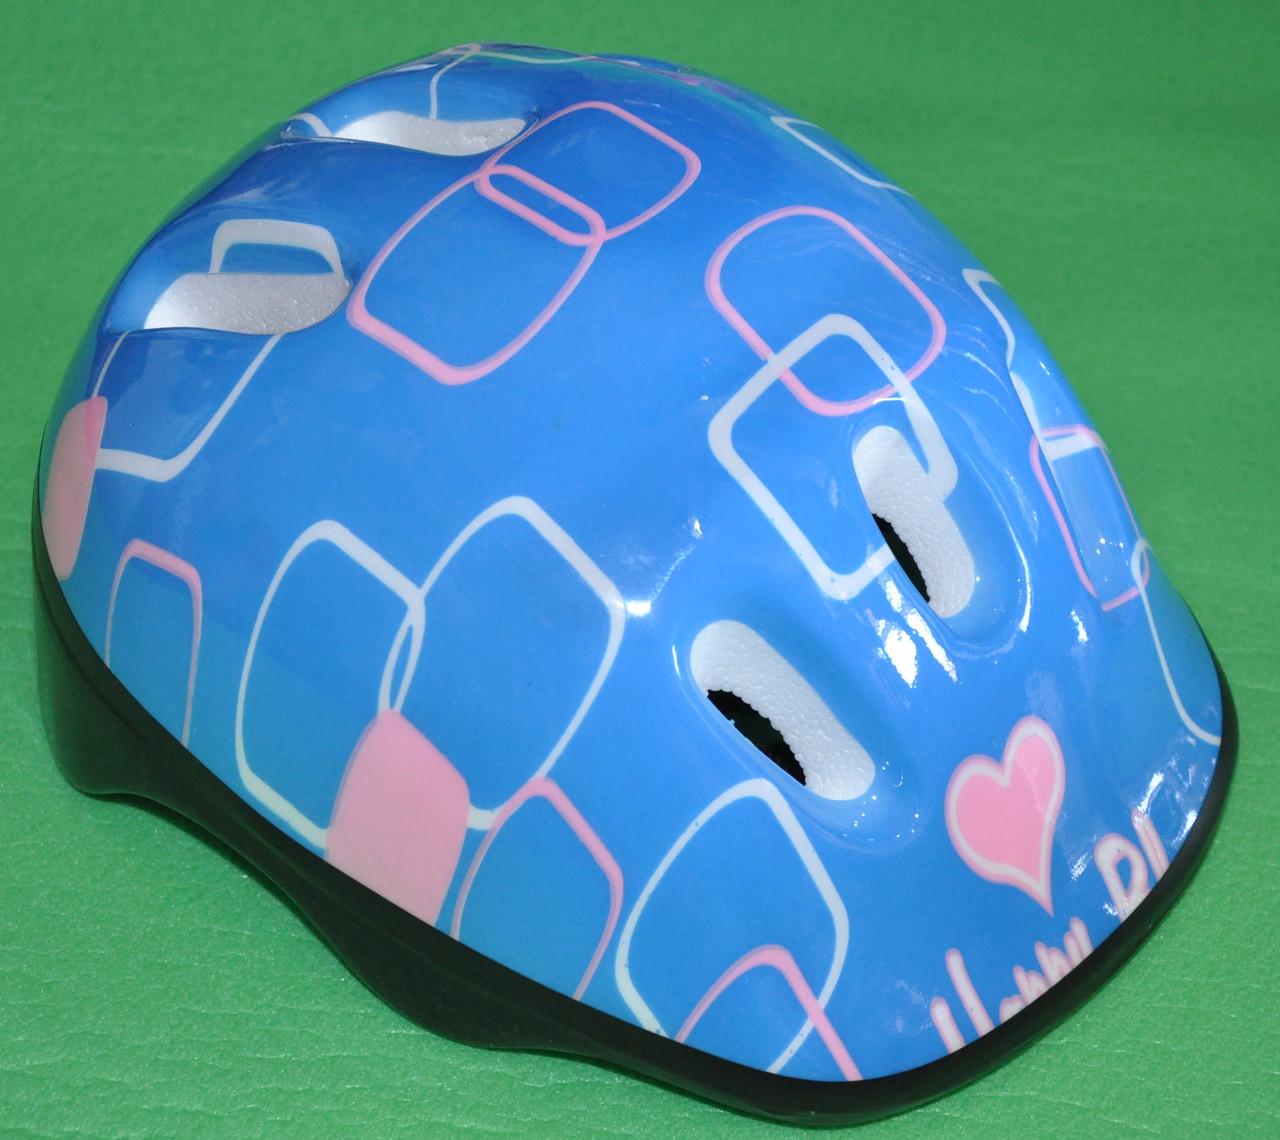 Шлем лдля роликів, скейтборда дитячий MS 0014 голубий з квадратами